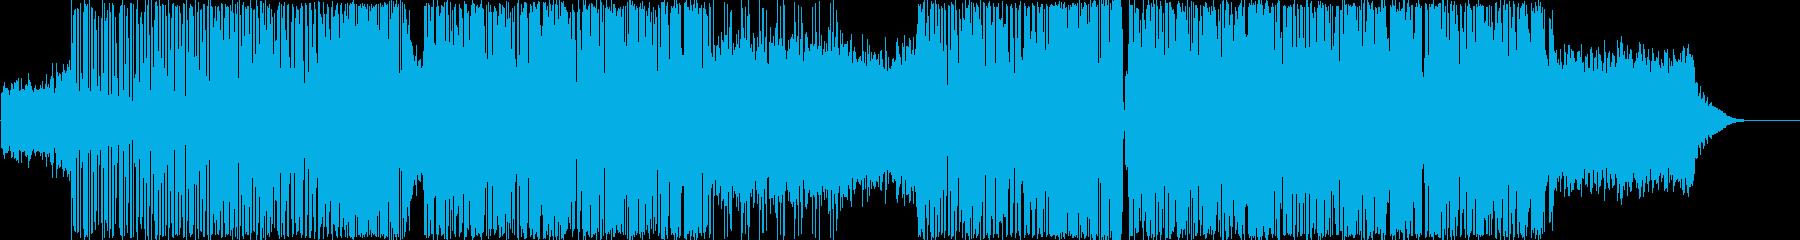 隆起するエモーショナルなレトロエレクトロの再生済みの波形